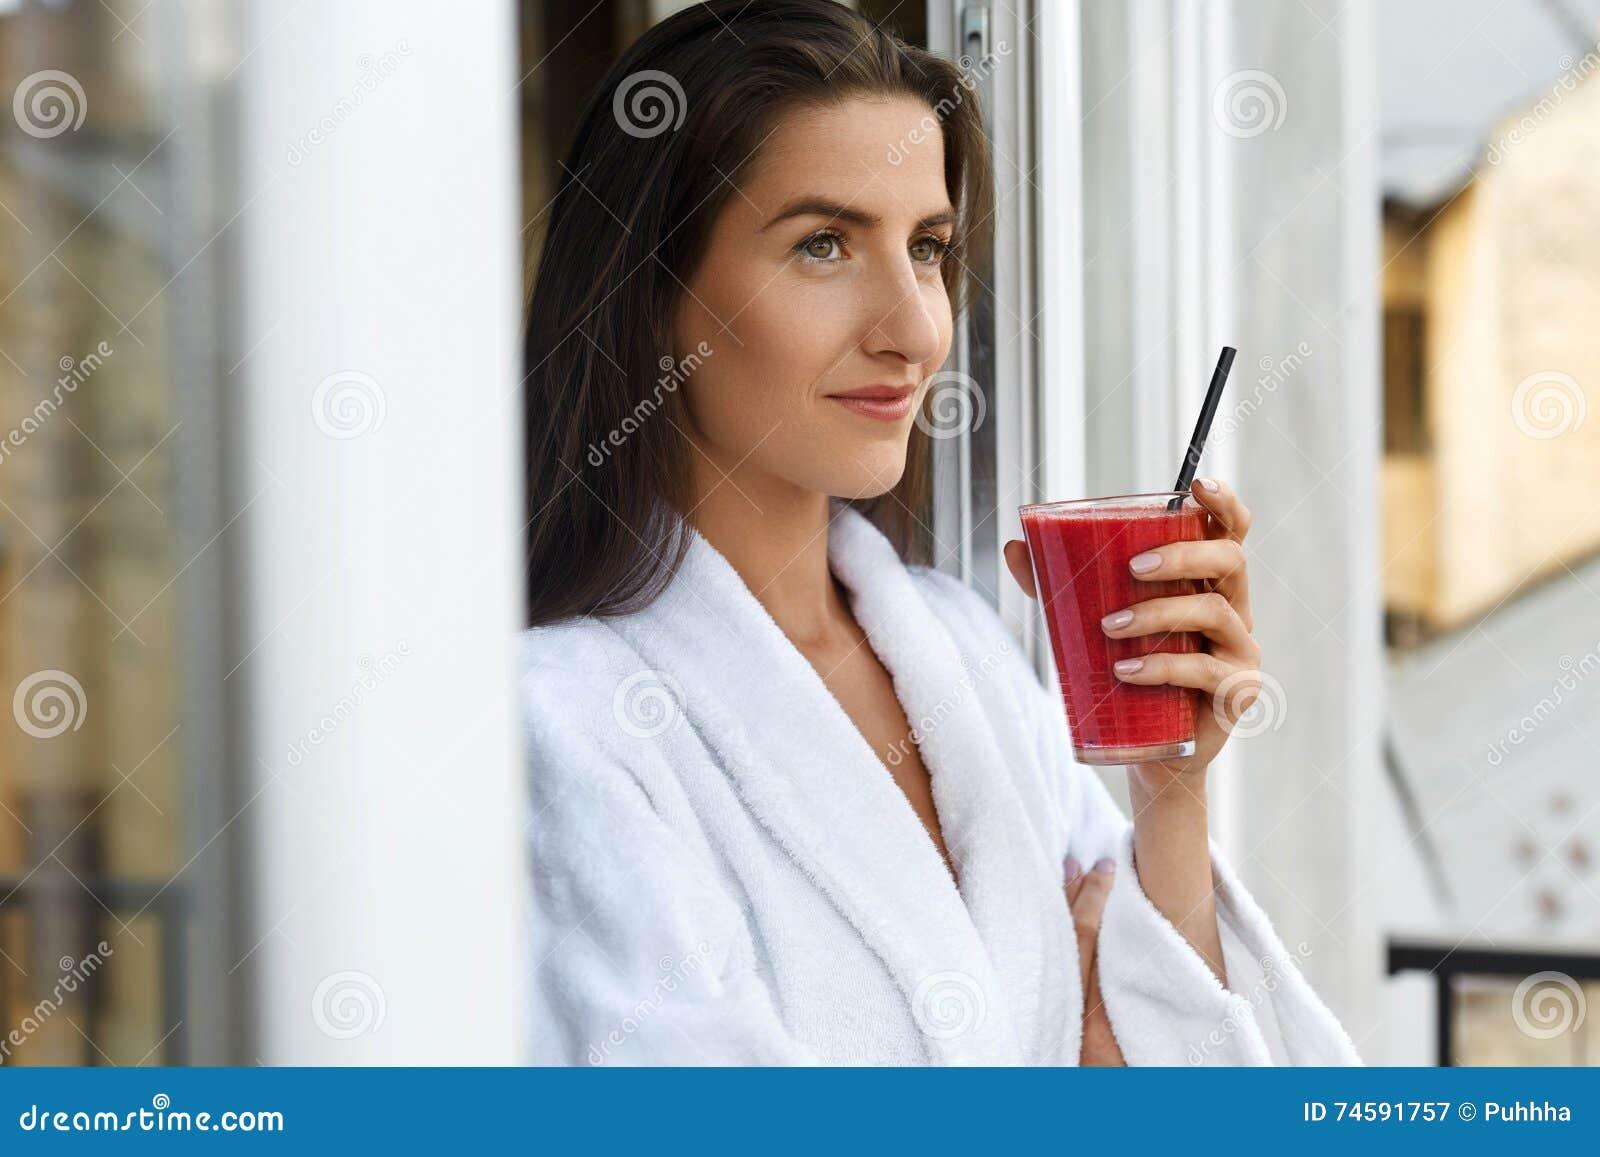 Régime de Detox Femme en bonne santé buvant Juice In Morning frais